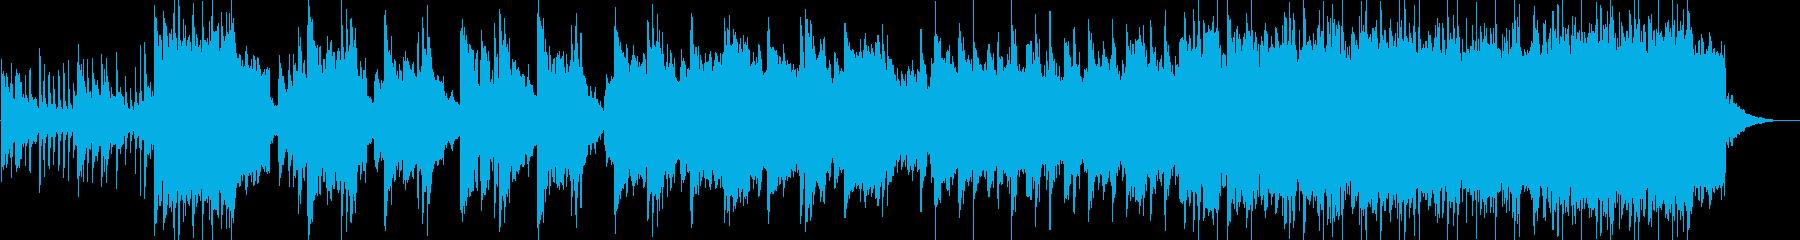 和風オーケストラ感動オープニングの再生済みの波形